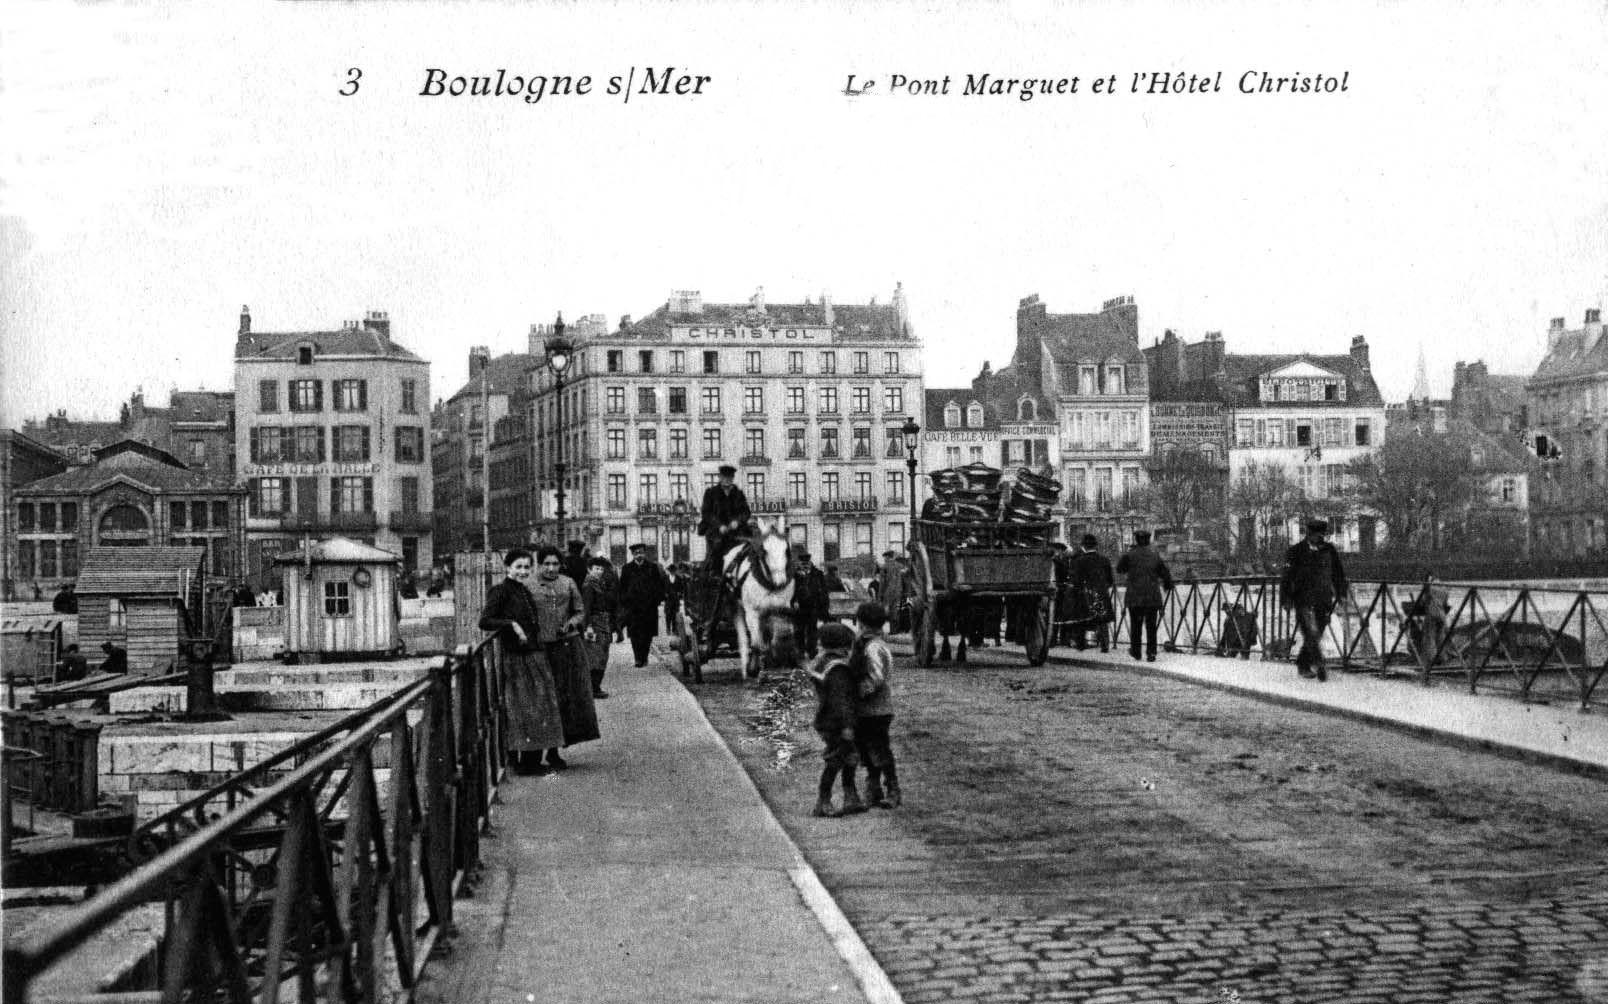 Boulogne sur mer - charrettes sur le pont Marguet